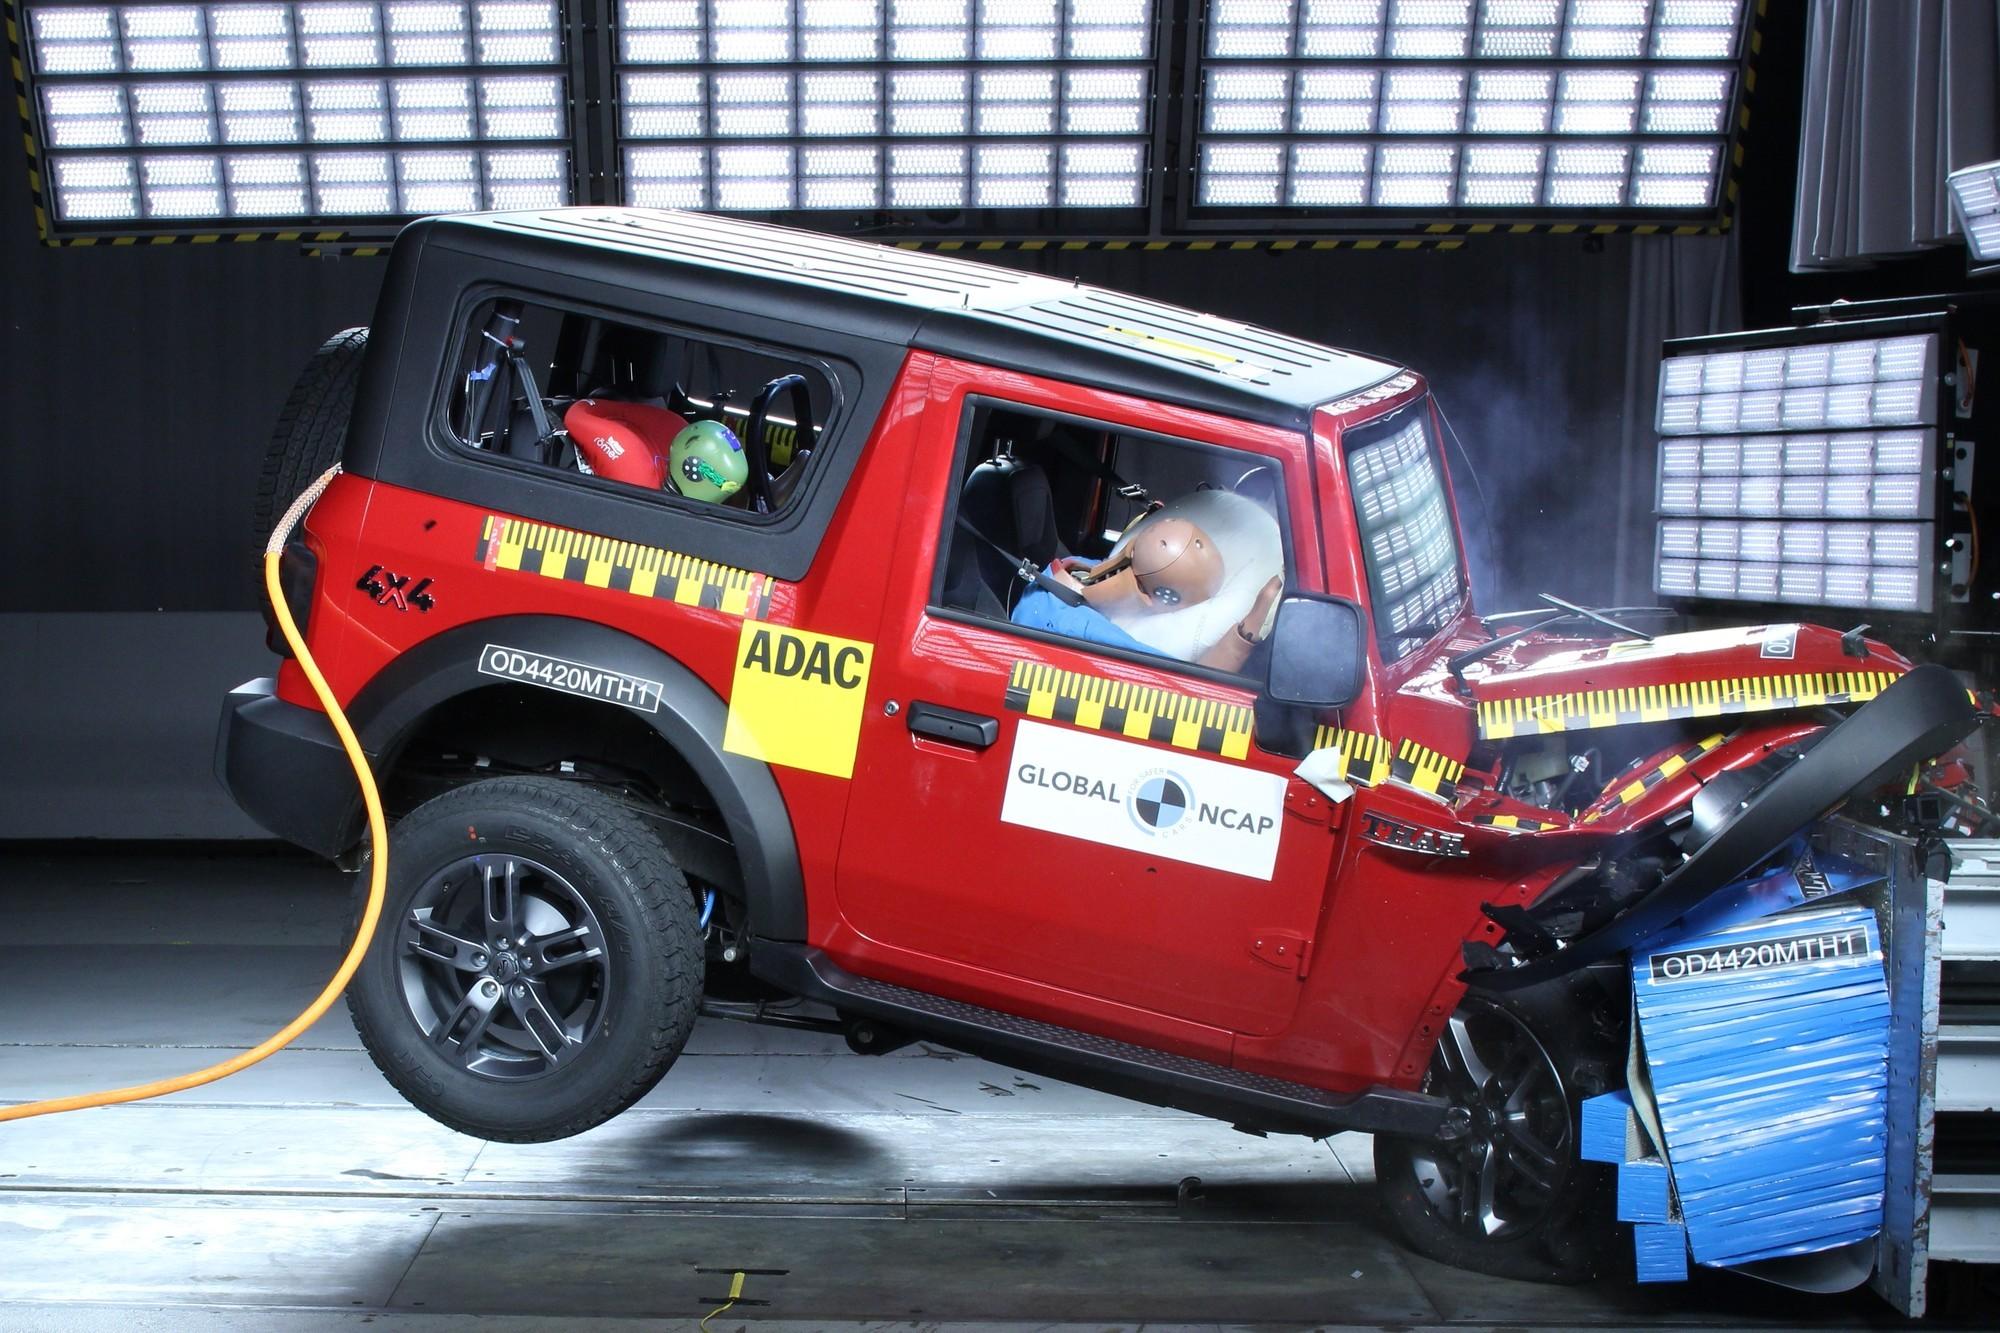 Mahindra Thar на испытаниях Global NCAP: риск травмирования ног и жуткая управляемость